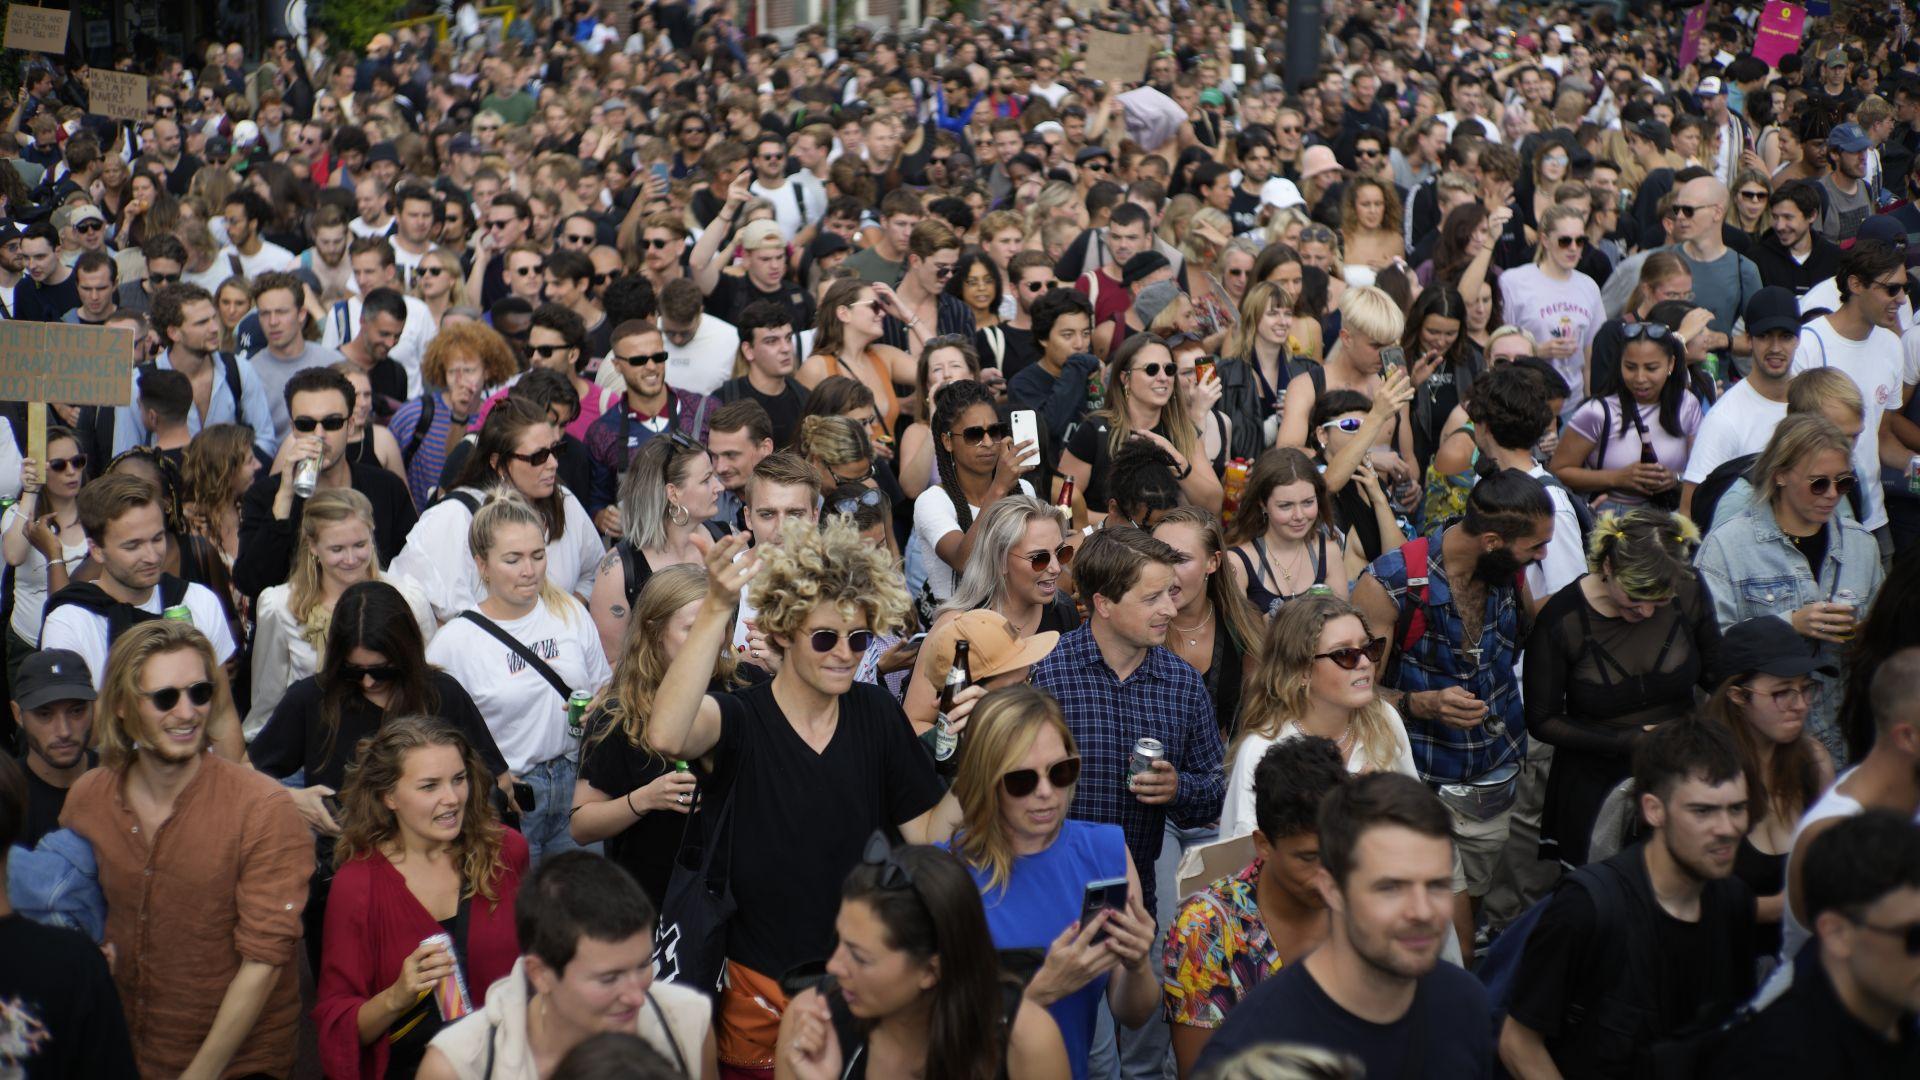 Десетки хиляди протестираха срещу COVID ограниченията в Недерландия и Австрия (снимки)